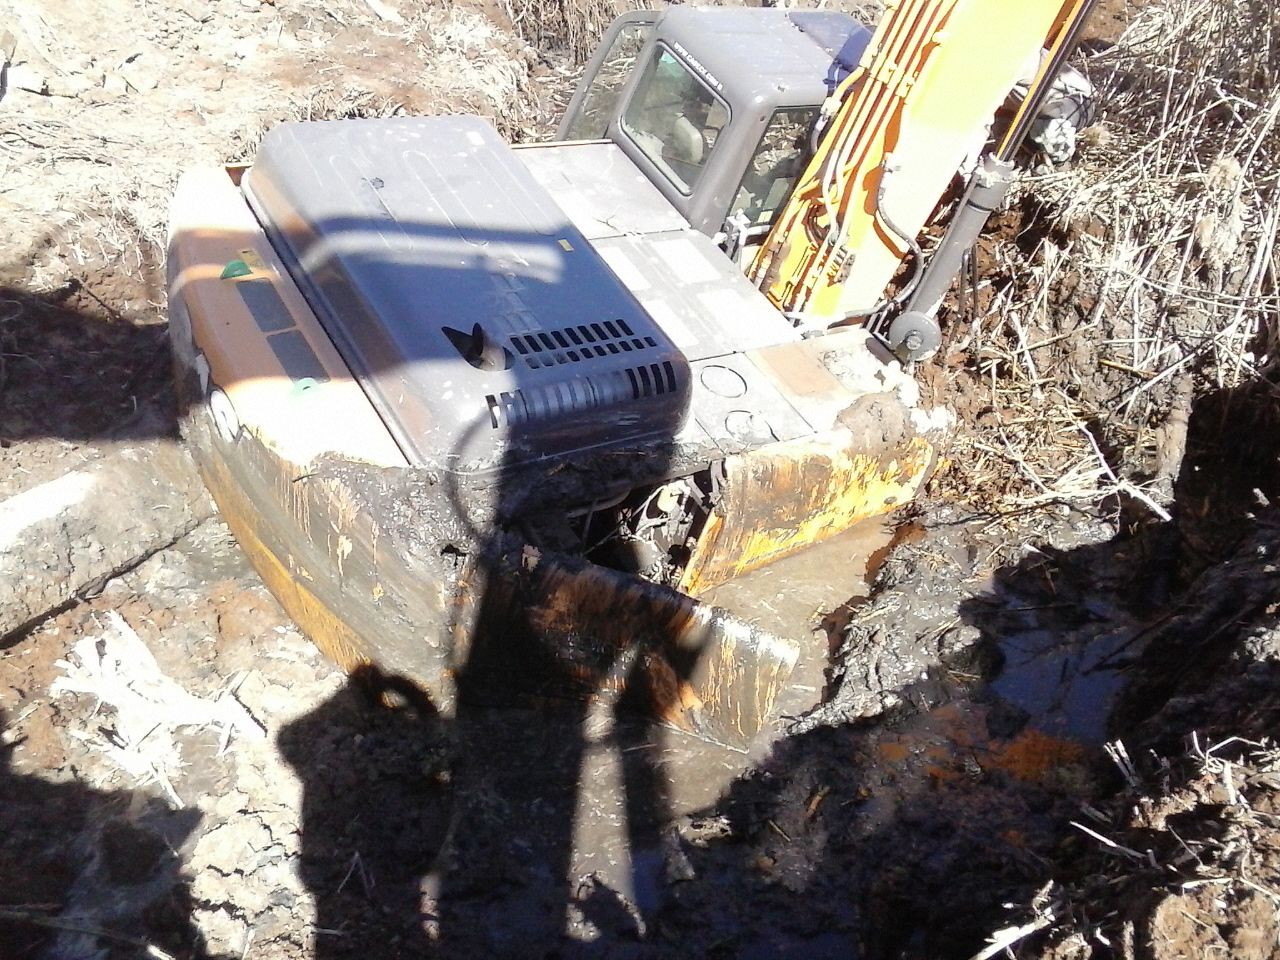 В Таганроге на территории Кожевенного завода в грязи утопает экскаватор CASE CX290B